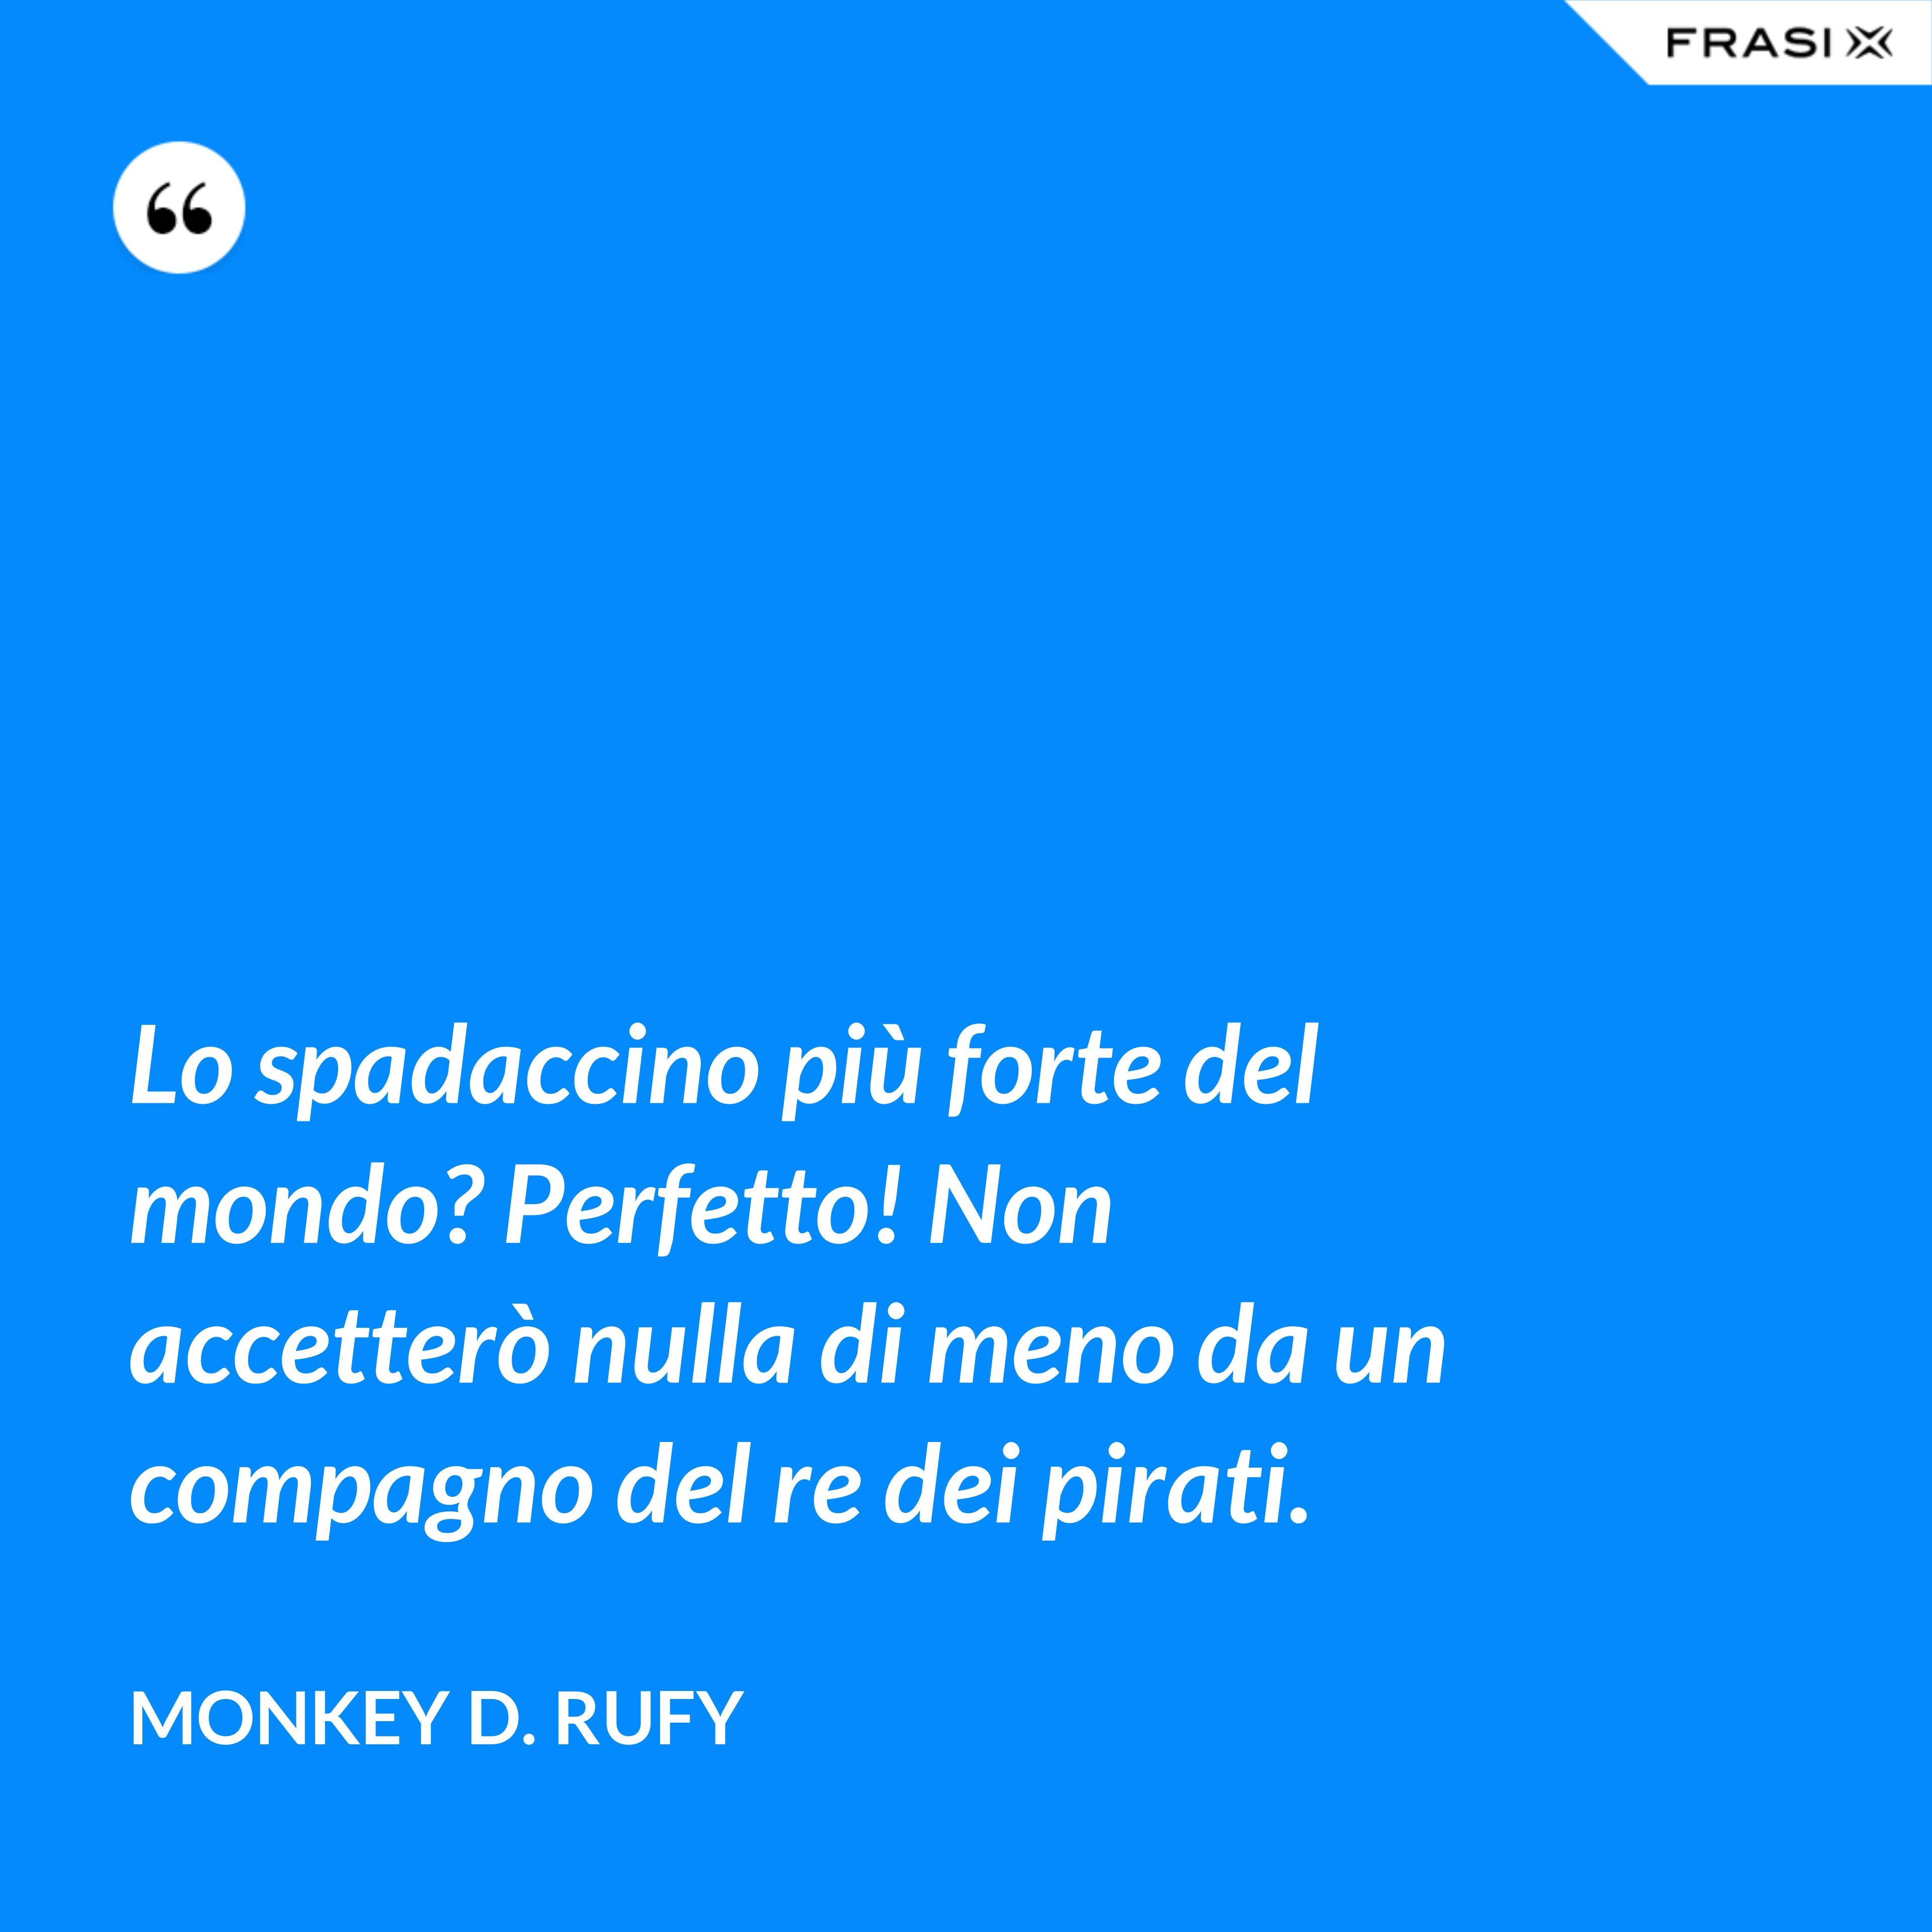 Lo spadaccino più forte del mondo? Perfetto! Non accetterò nulla di meno da un compagno del re dei pirati. - Monkey D. Rufy